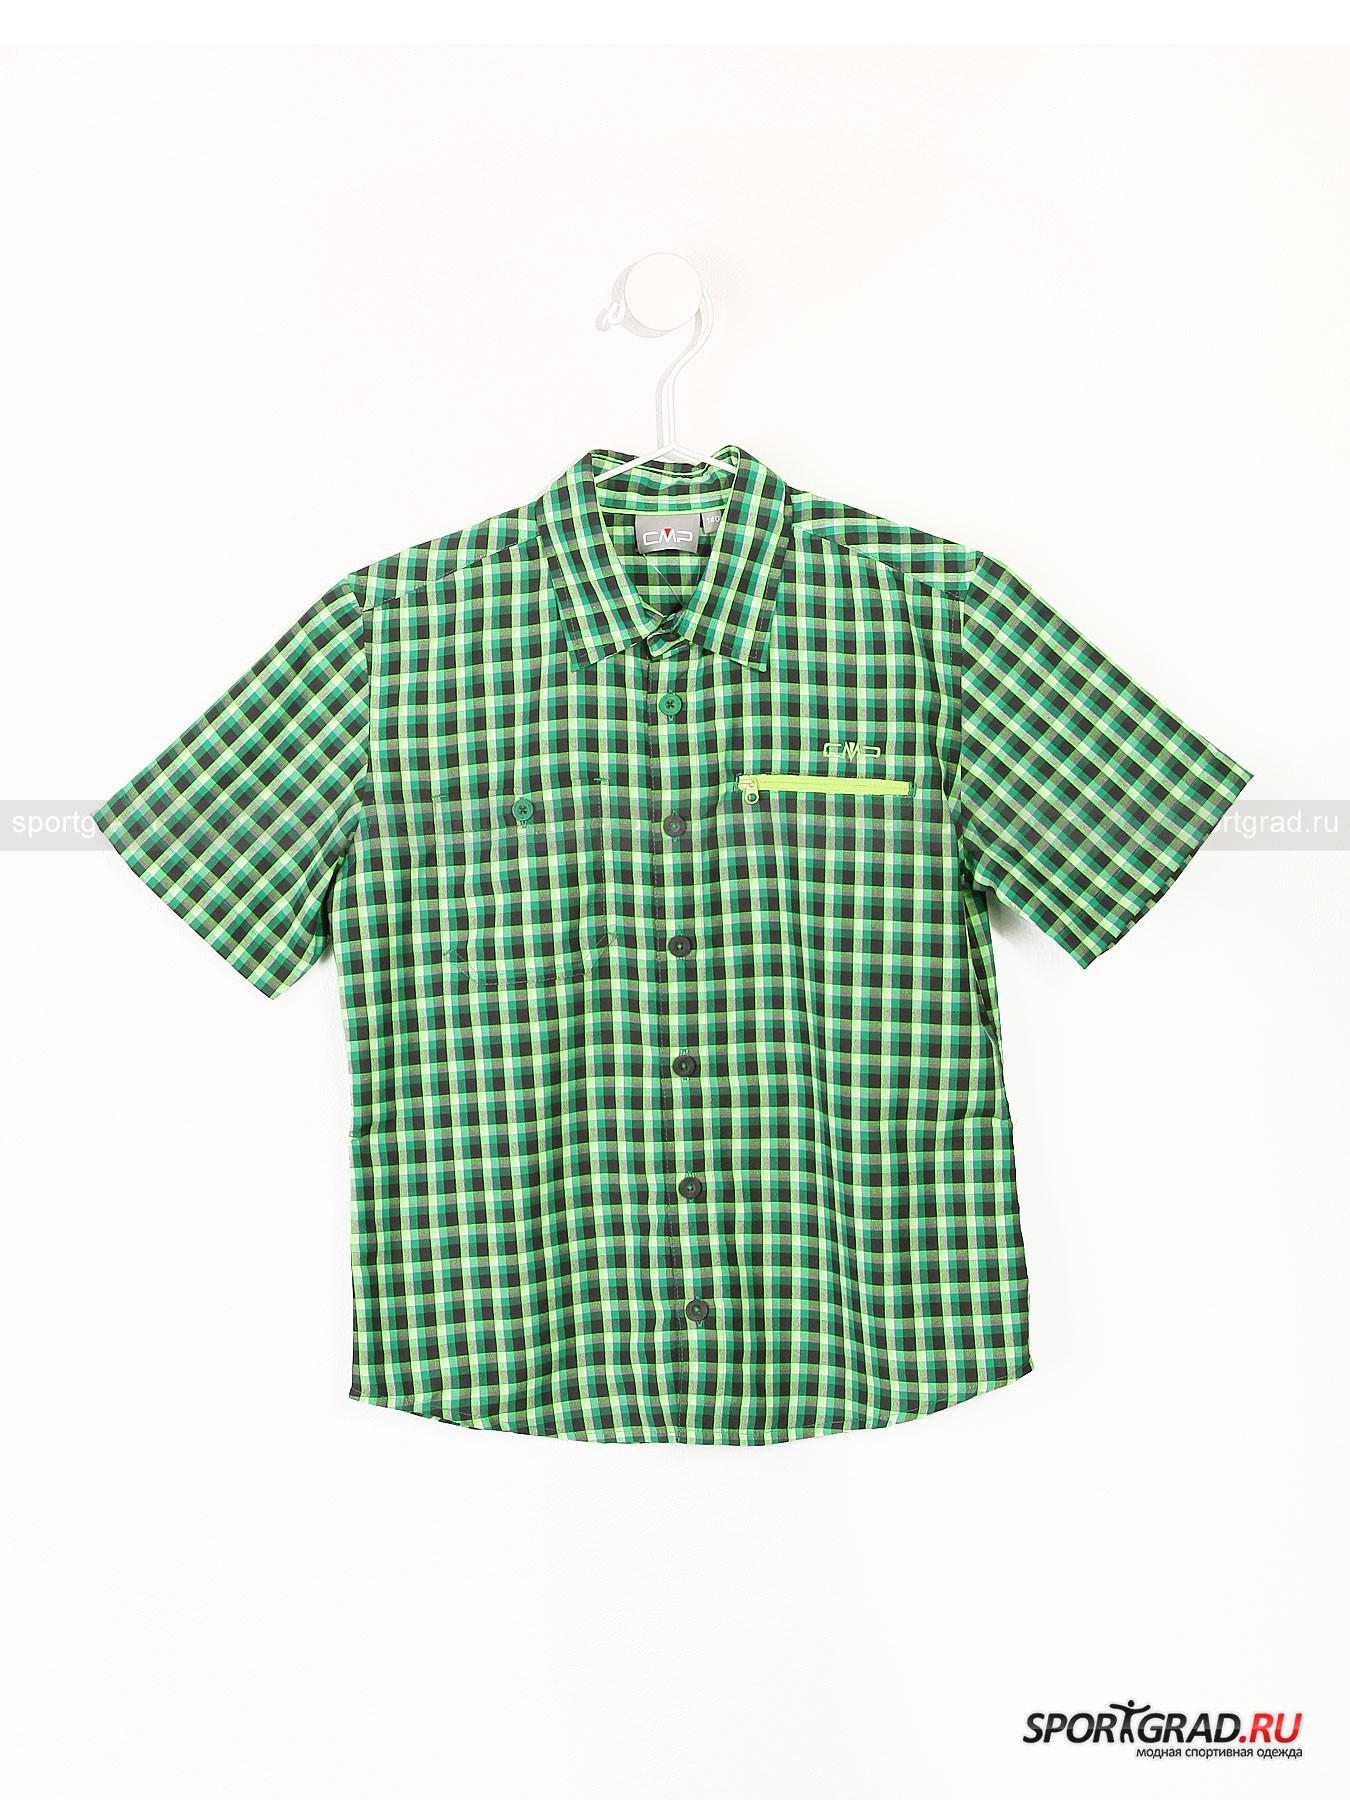 Рубашка для мальчиков SHIRT CAMPAGNOLO от Спортград